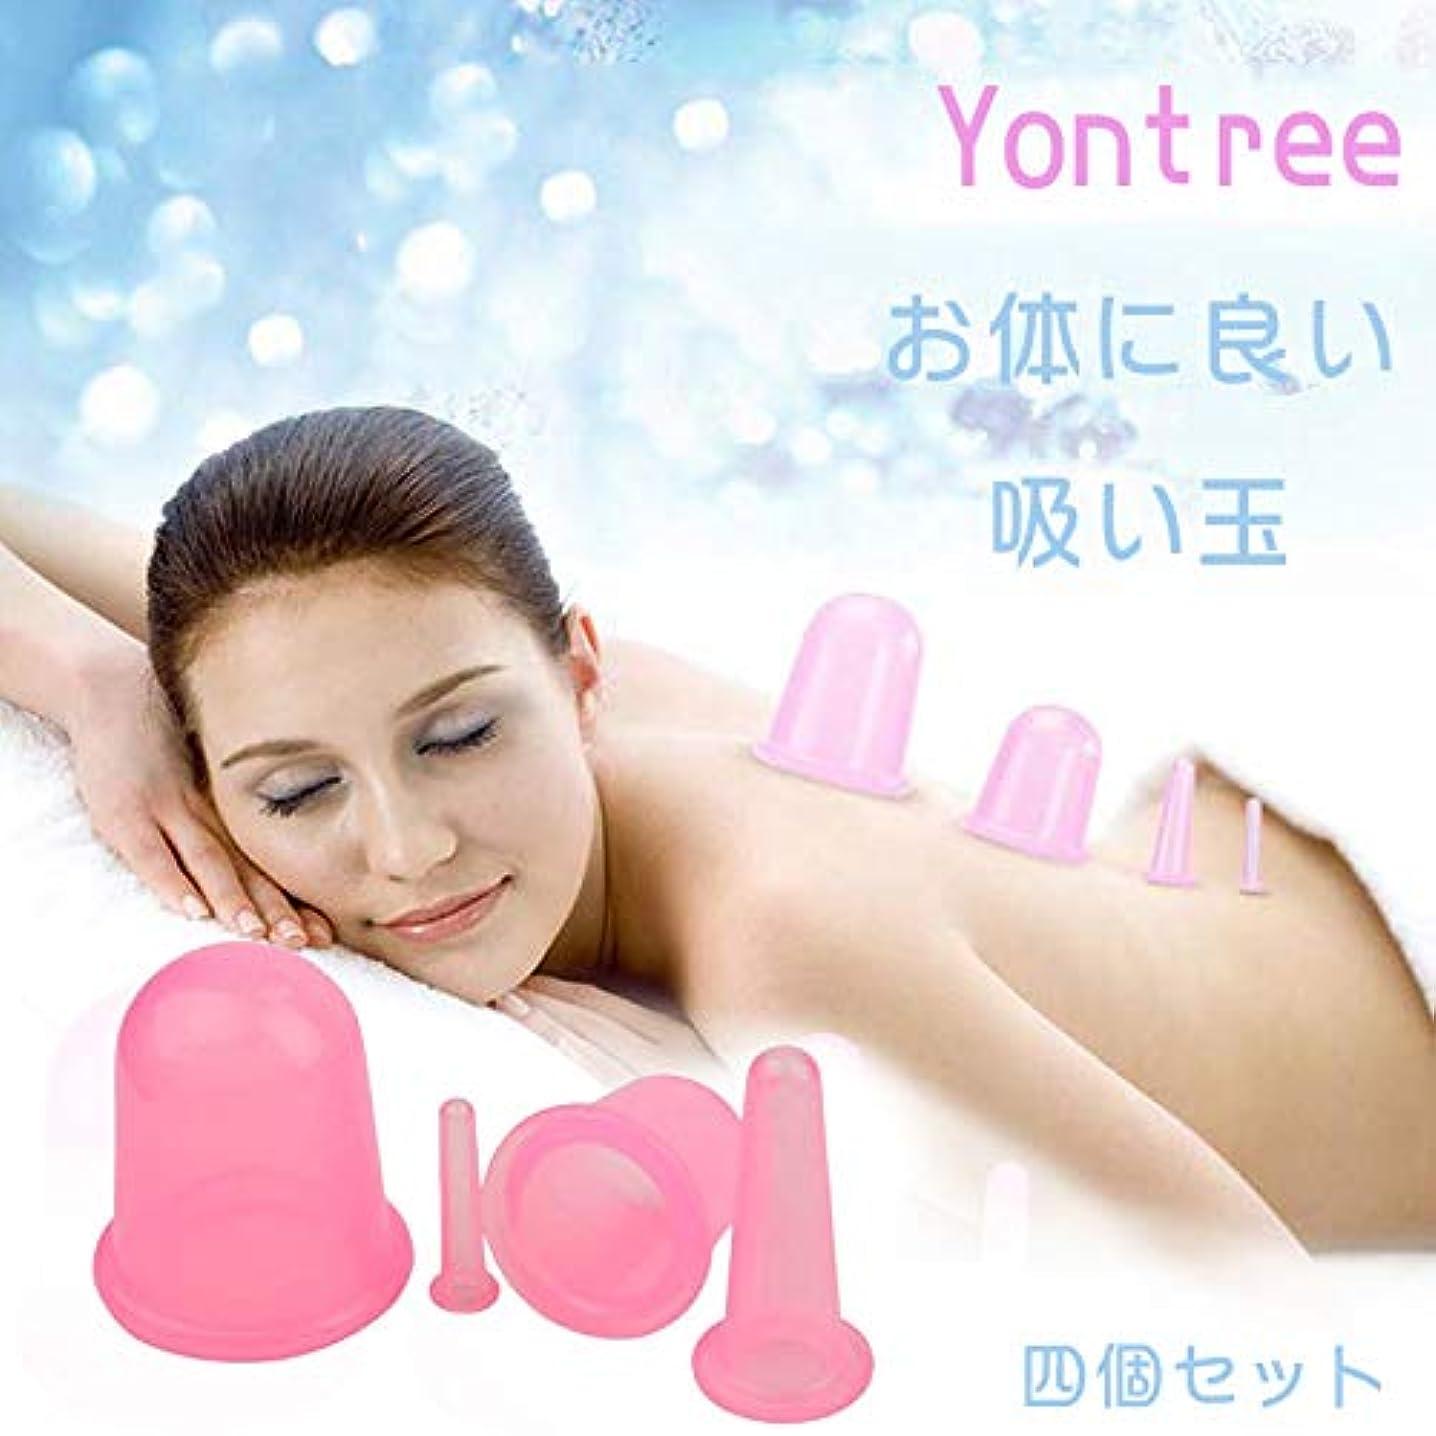 サンドイッチ笑振る舞いマッサージ吸い玉 血液循環改善 湿気や毒素排除 肌を滑らかに 4個セット ピンク